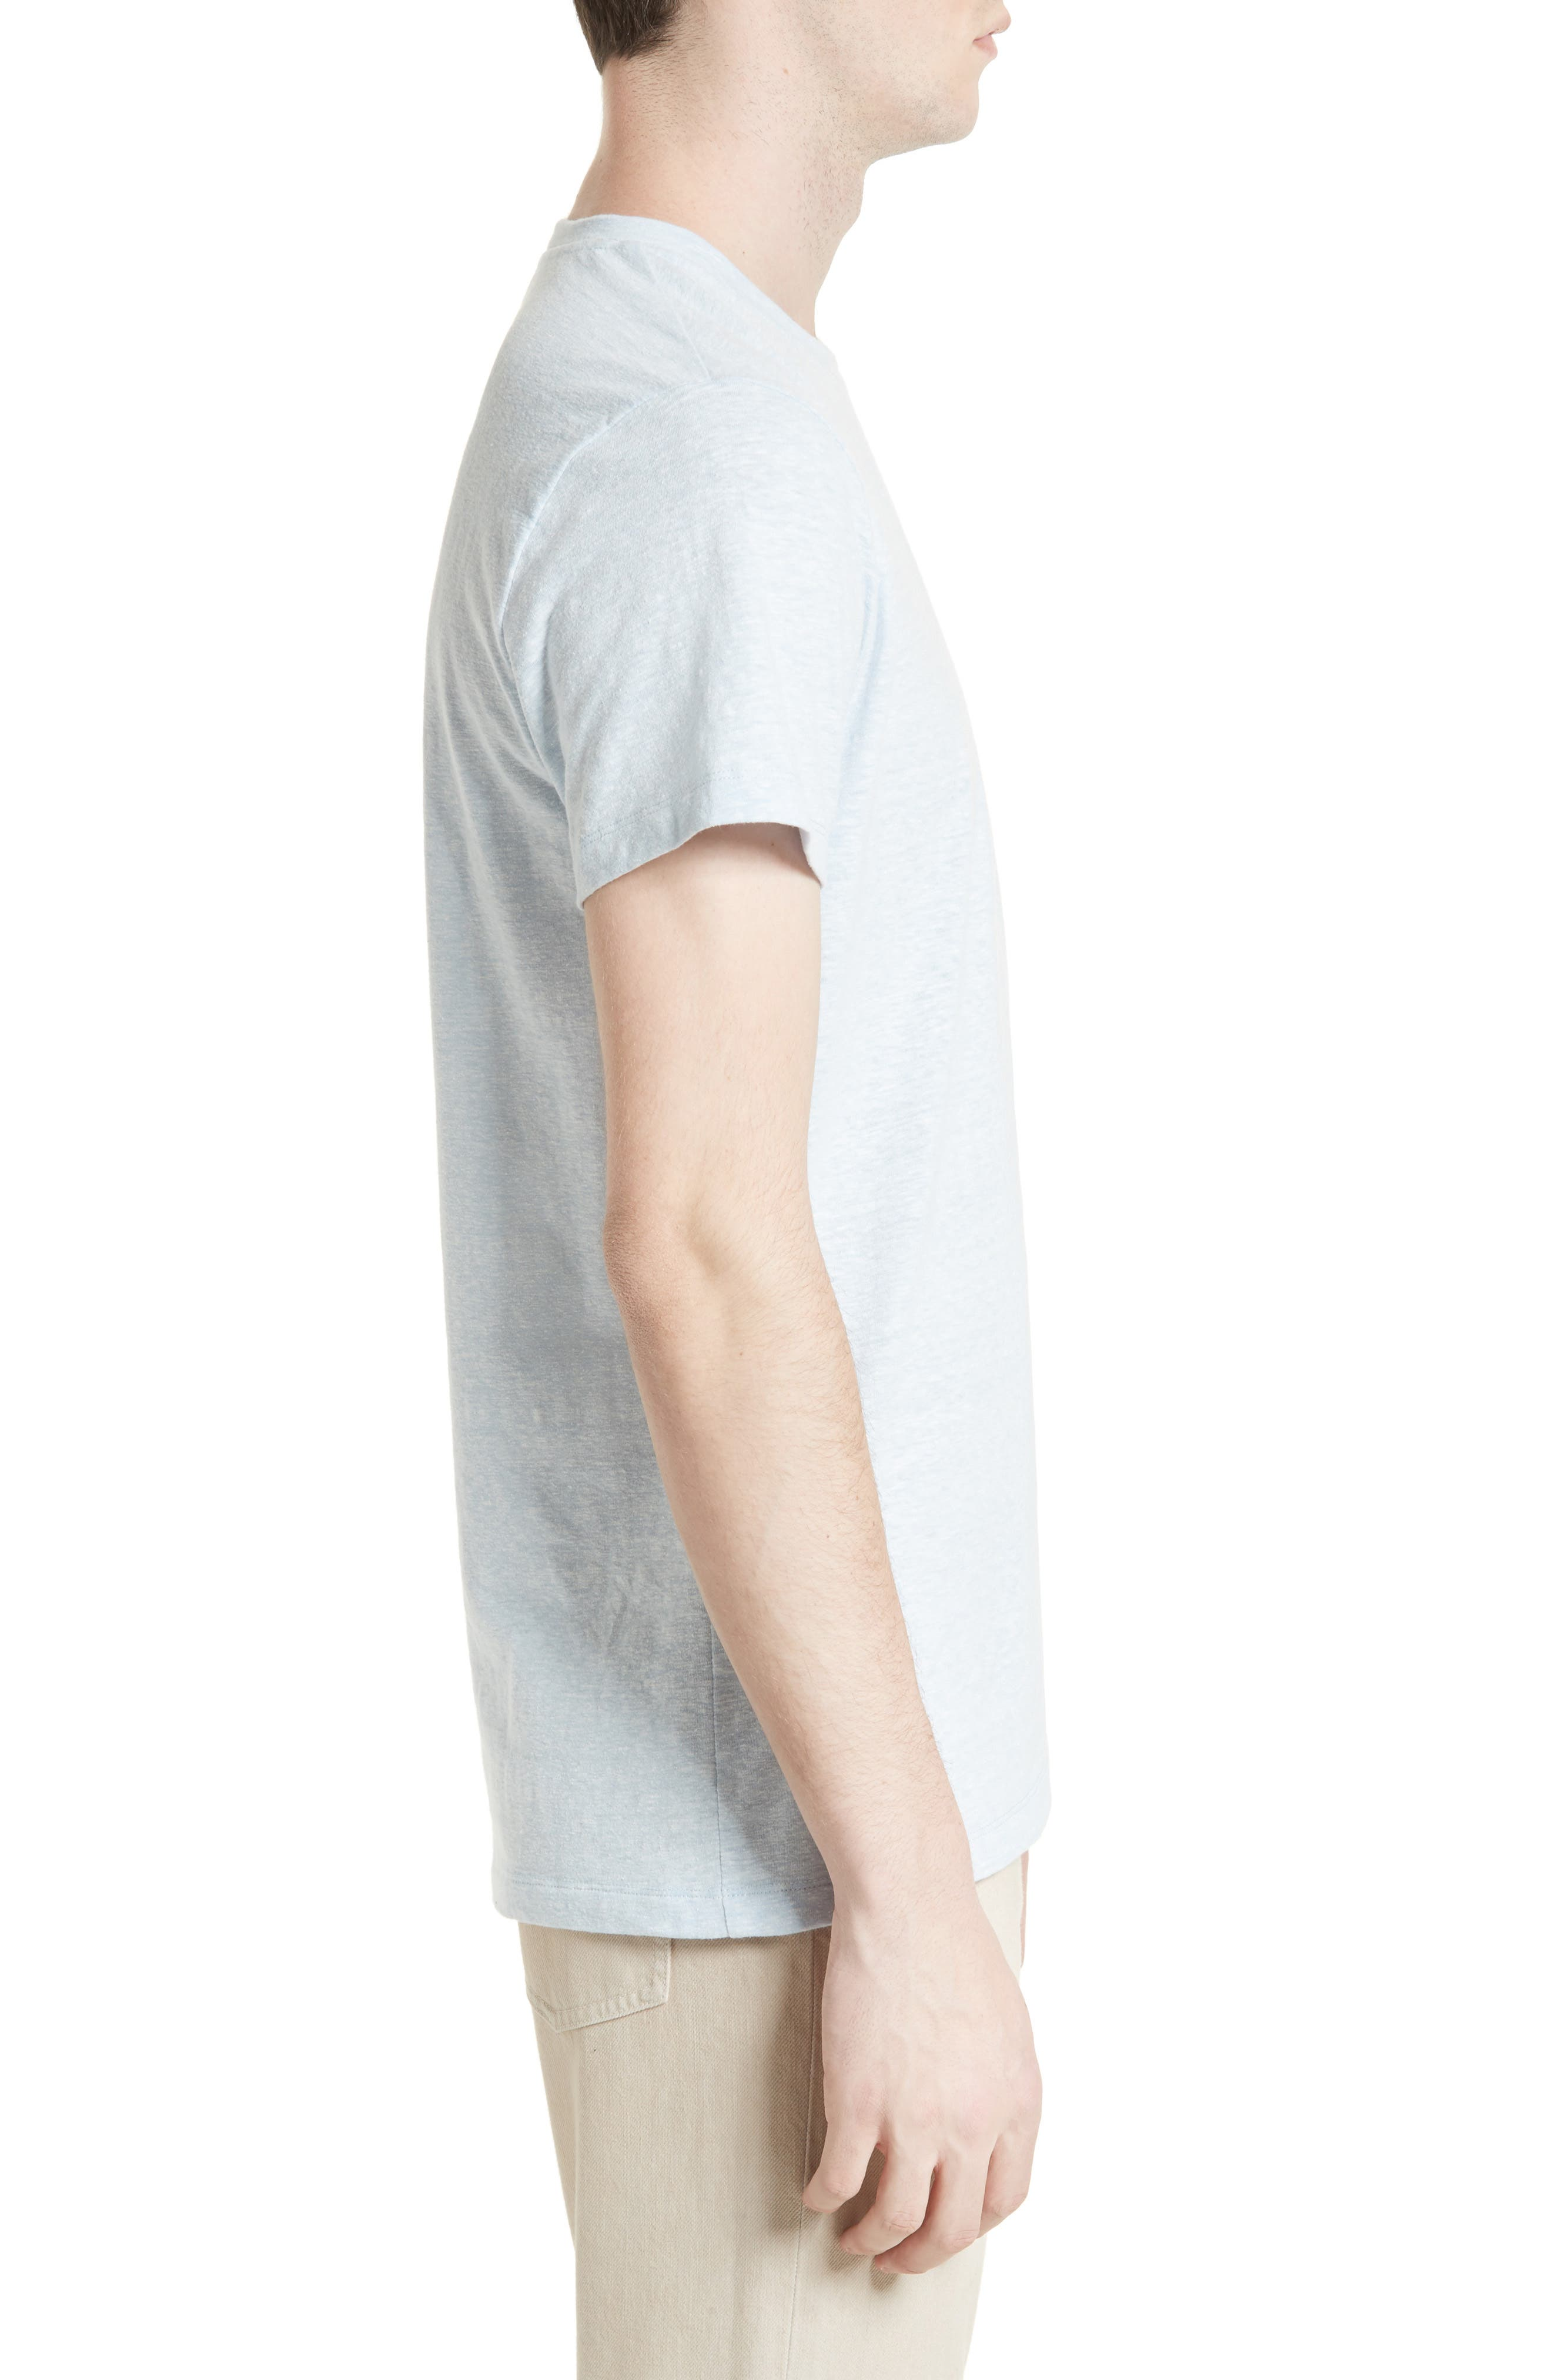 Jimmy T-Shirt,                             Alternate thumbnail 3, color,                             400